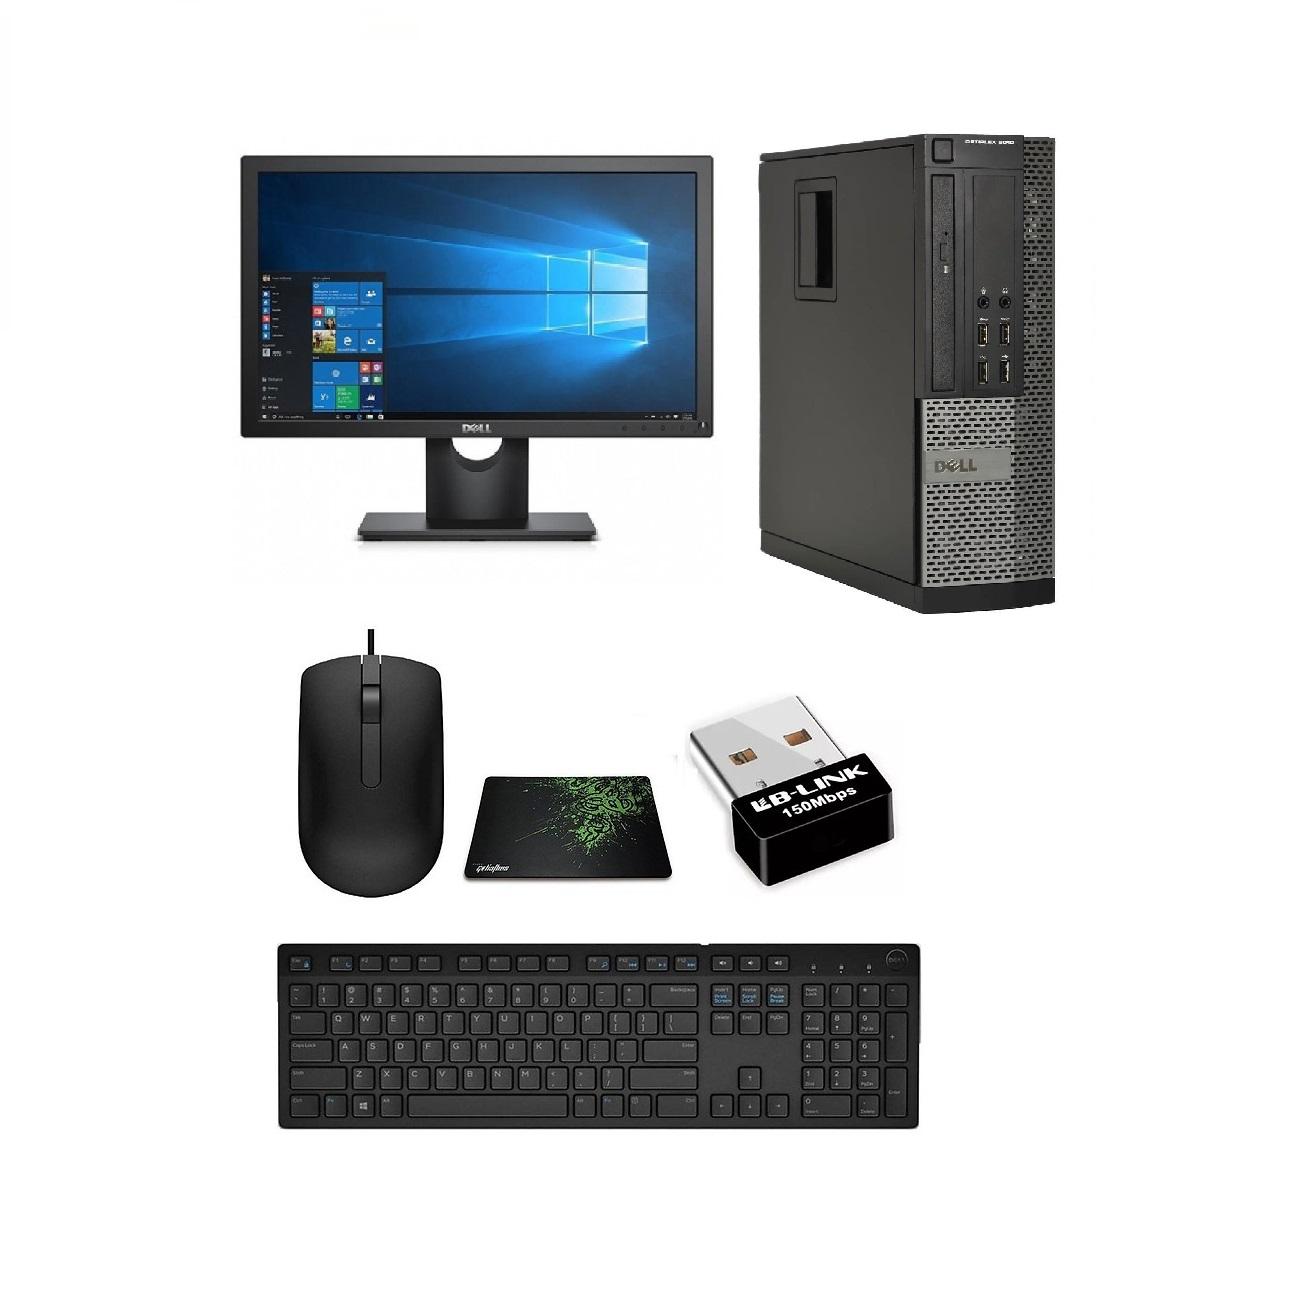 Bộ Máy Tính Để Bàn Dell Optiplex ( Core i5-3470 / 8gb / SSD 240GB - Card MH Quadro 600 ) Và Màn Hình Dell 21.5 inch - Tặng Ngay Bàn Phím Chuột + Lót Chuột + USB Wiif.- Chuyên Dùng cho Đồ Họa - Gaming - Văn Phòng cấu hình cao  - Hàng Nhập Khẩu